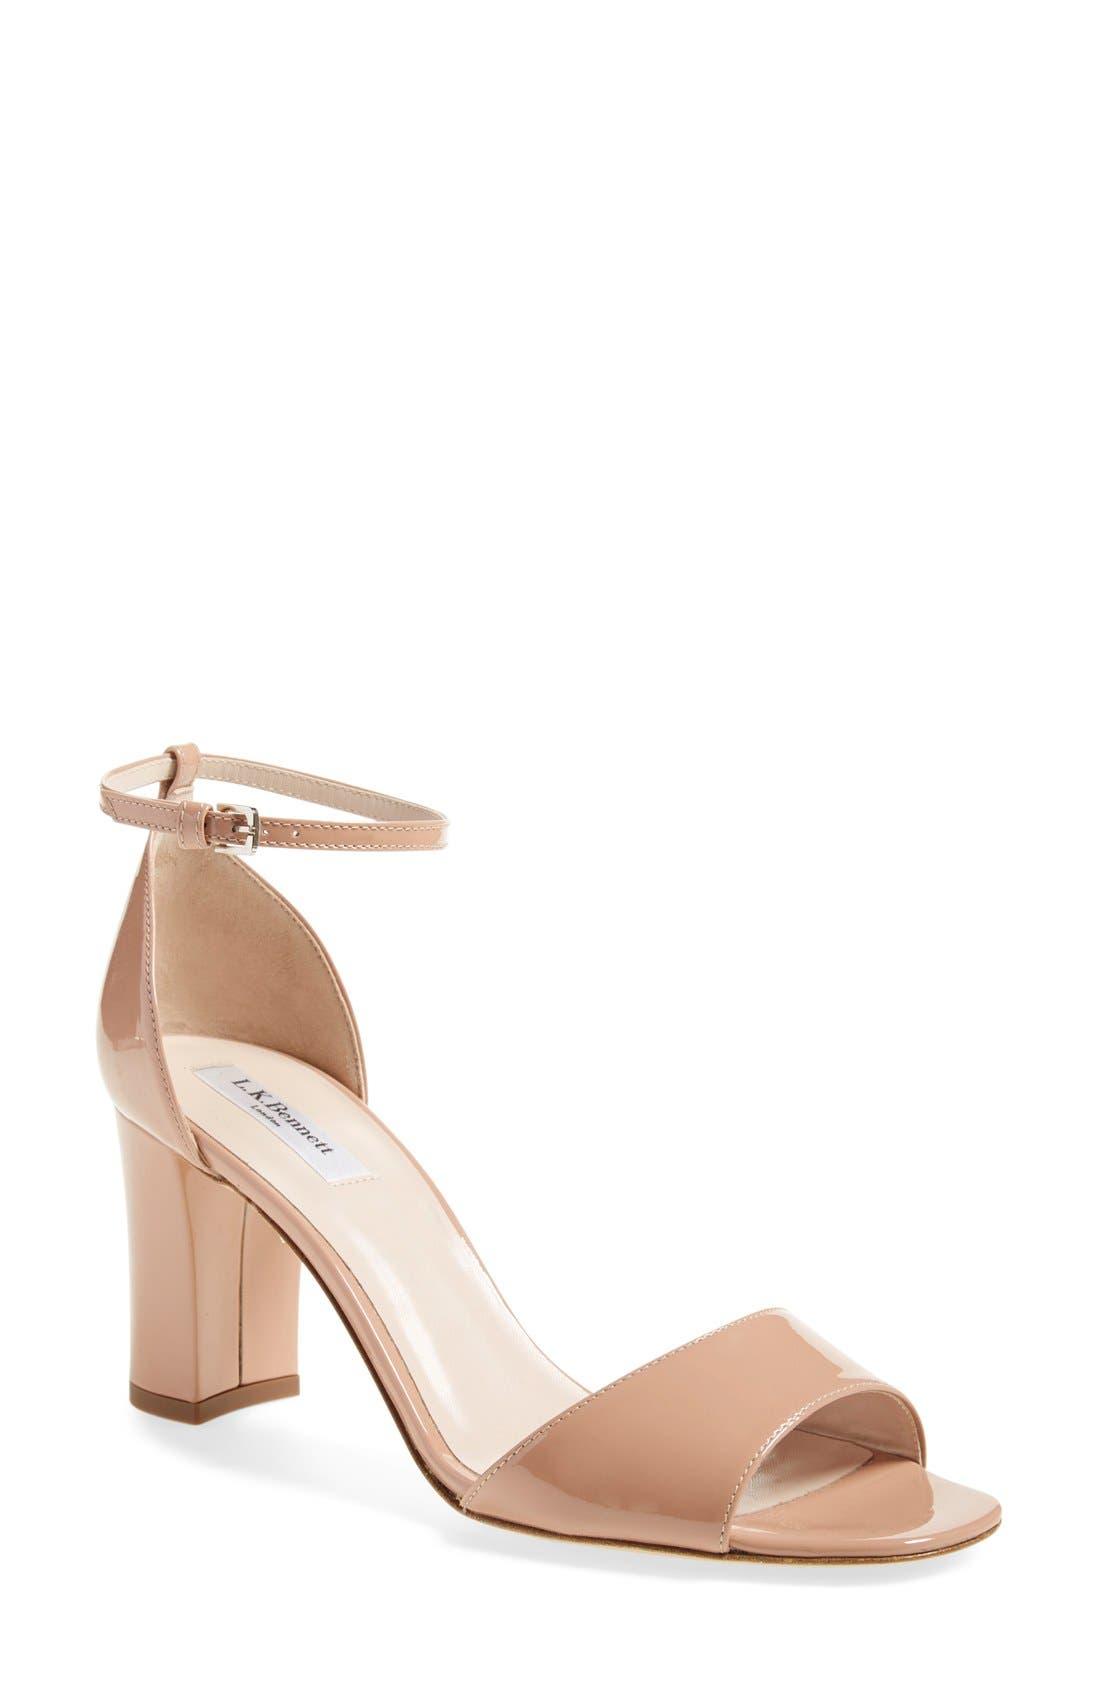 L.K. BENNETT 'Helena' Ankle Strap Block Heel Sandal